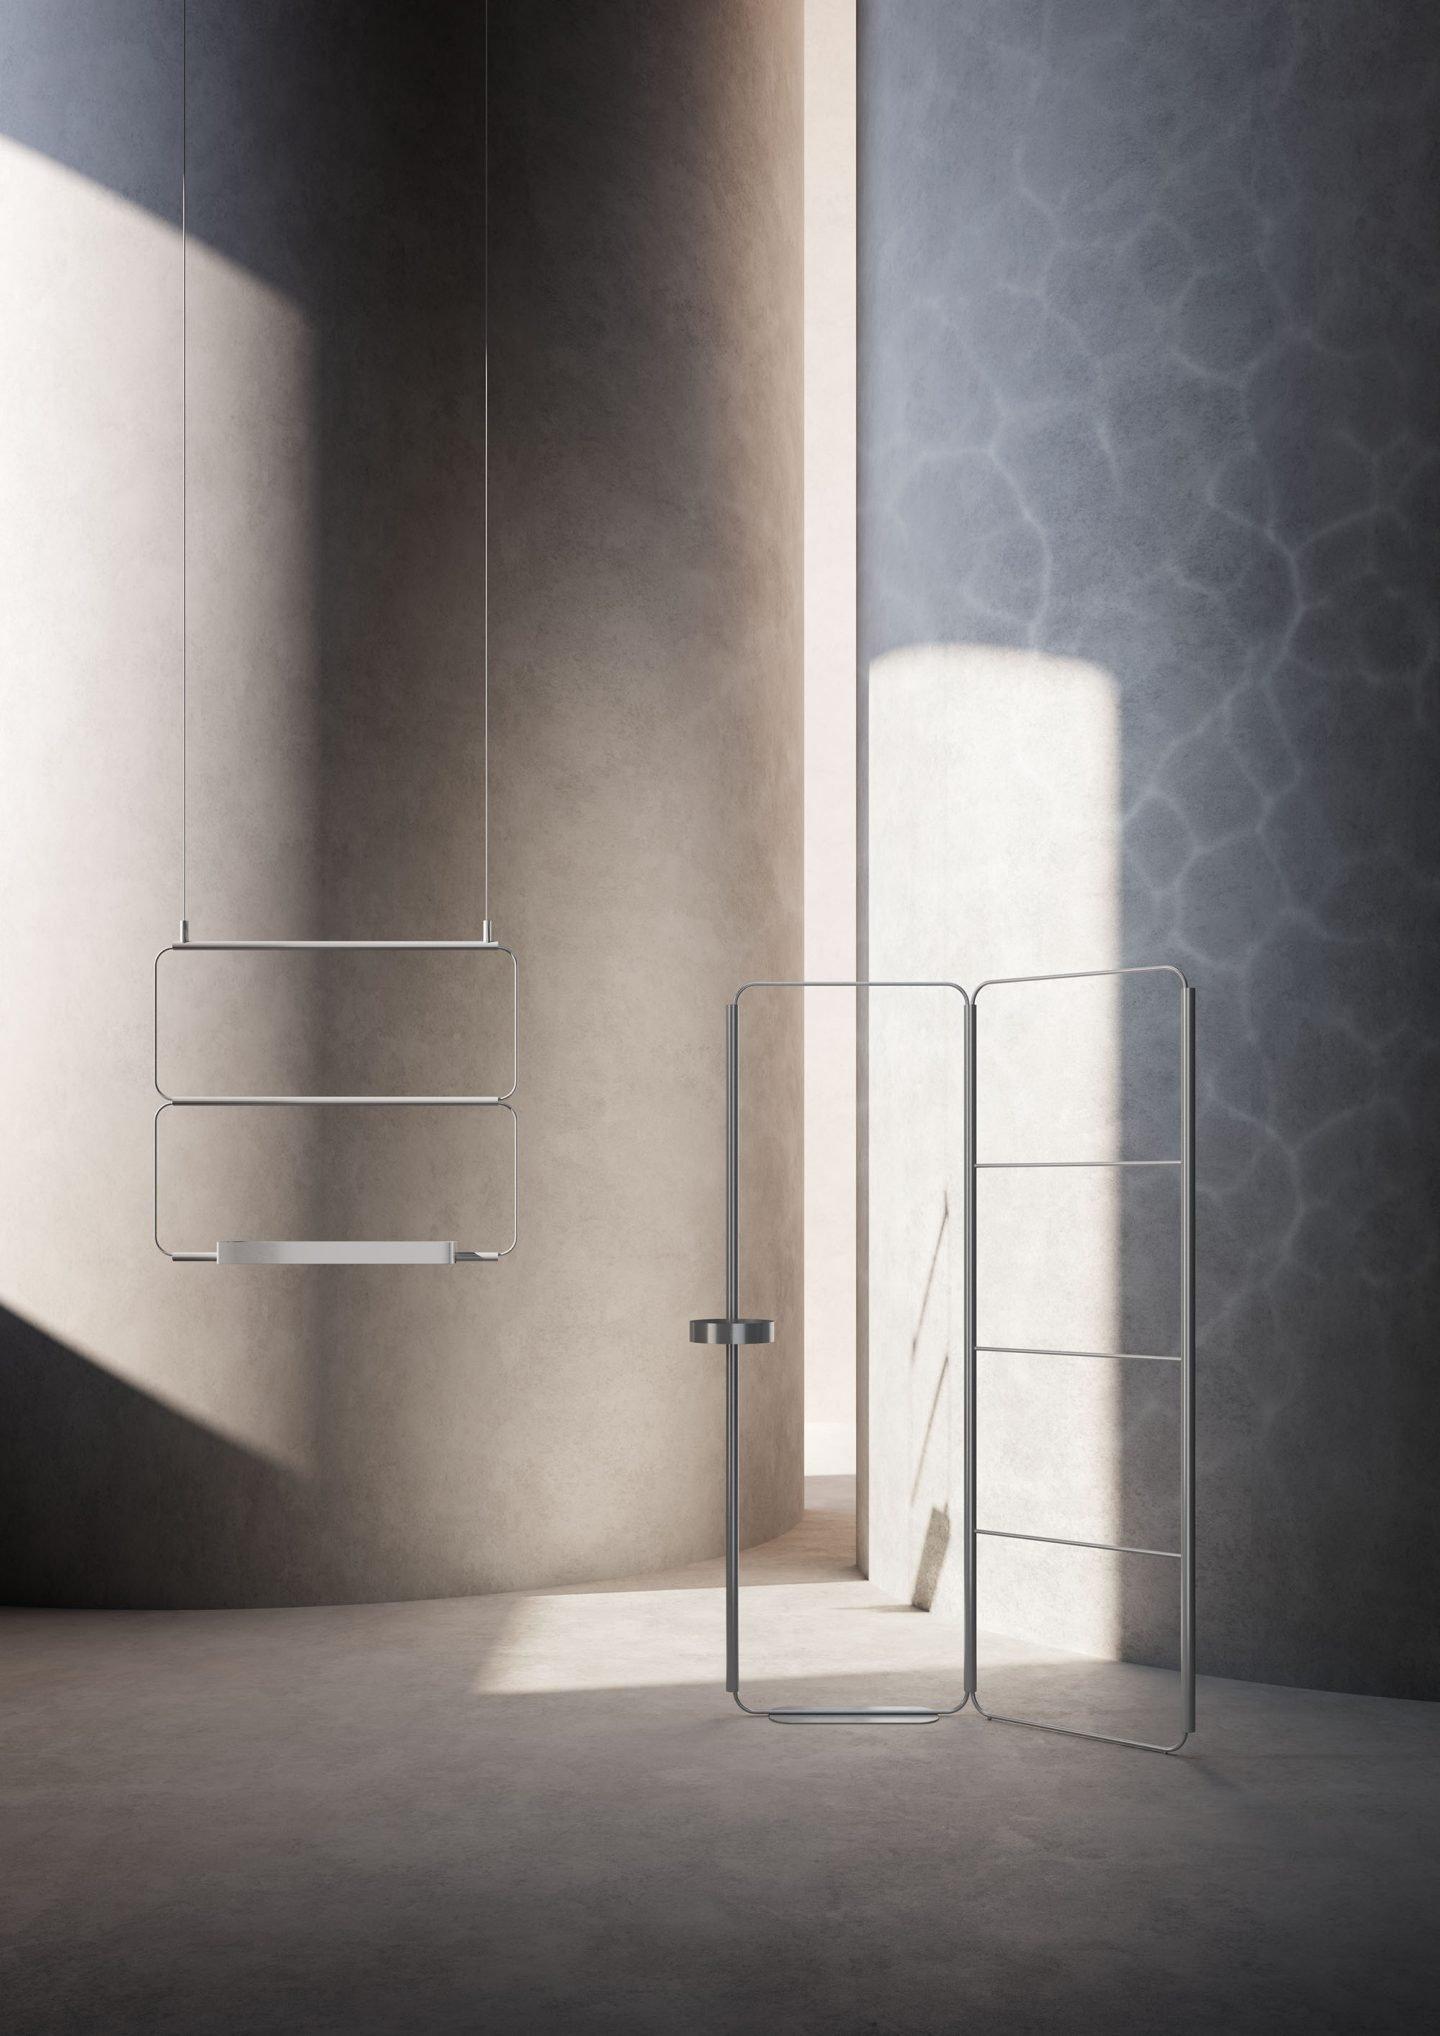 IGNANT-Design-MUTStudio-3D-Massimo-Colonna-Nudo-Ext